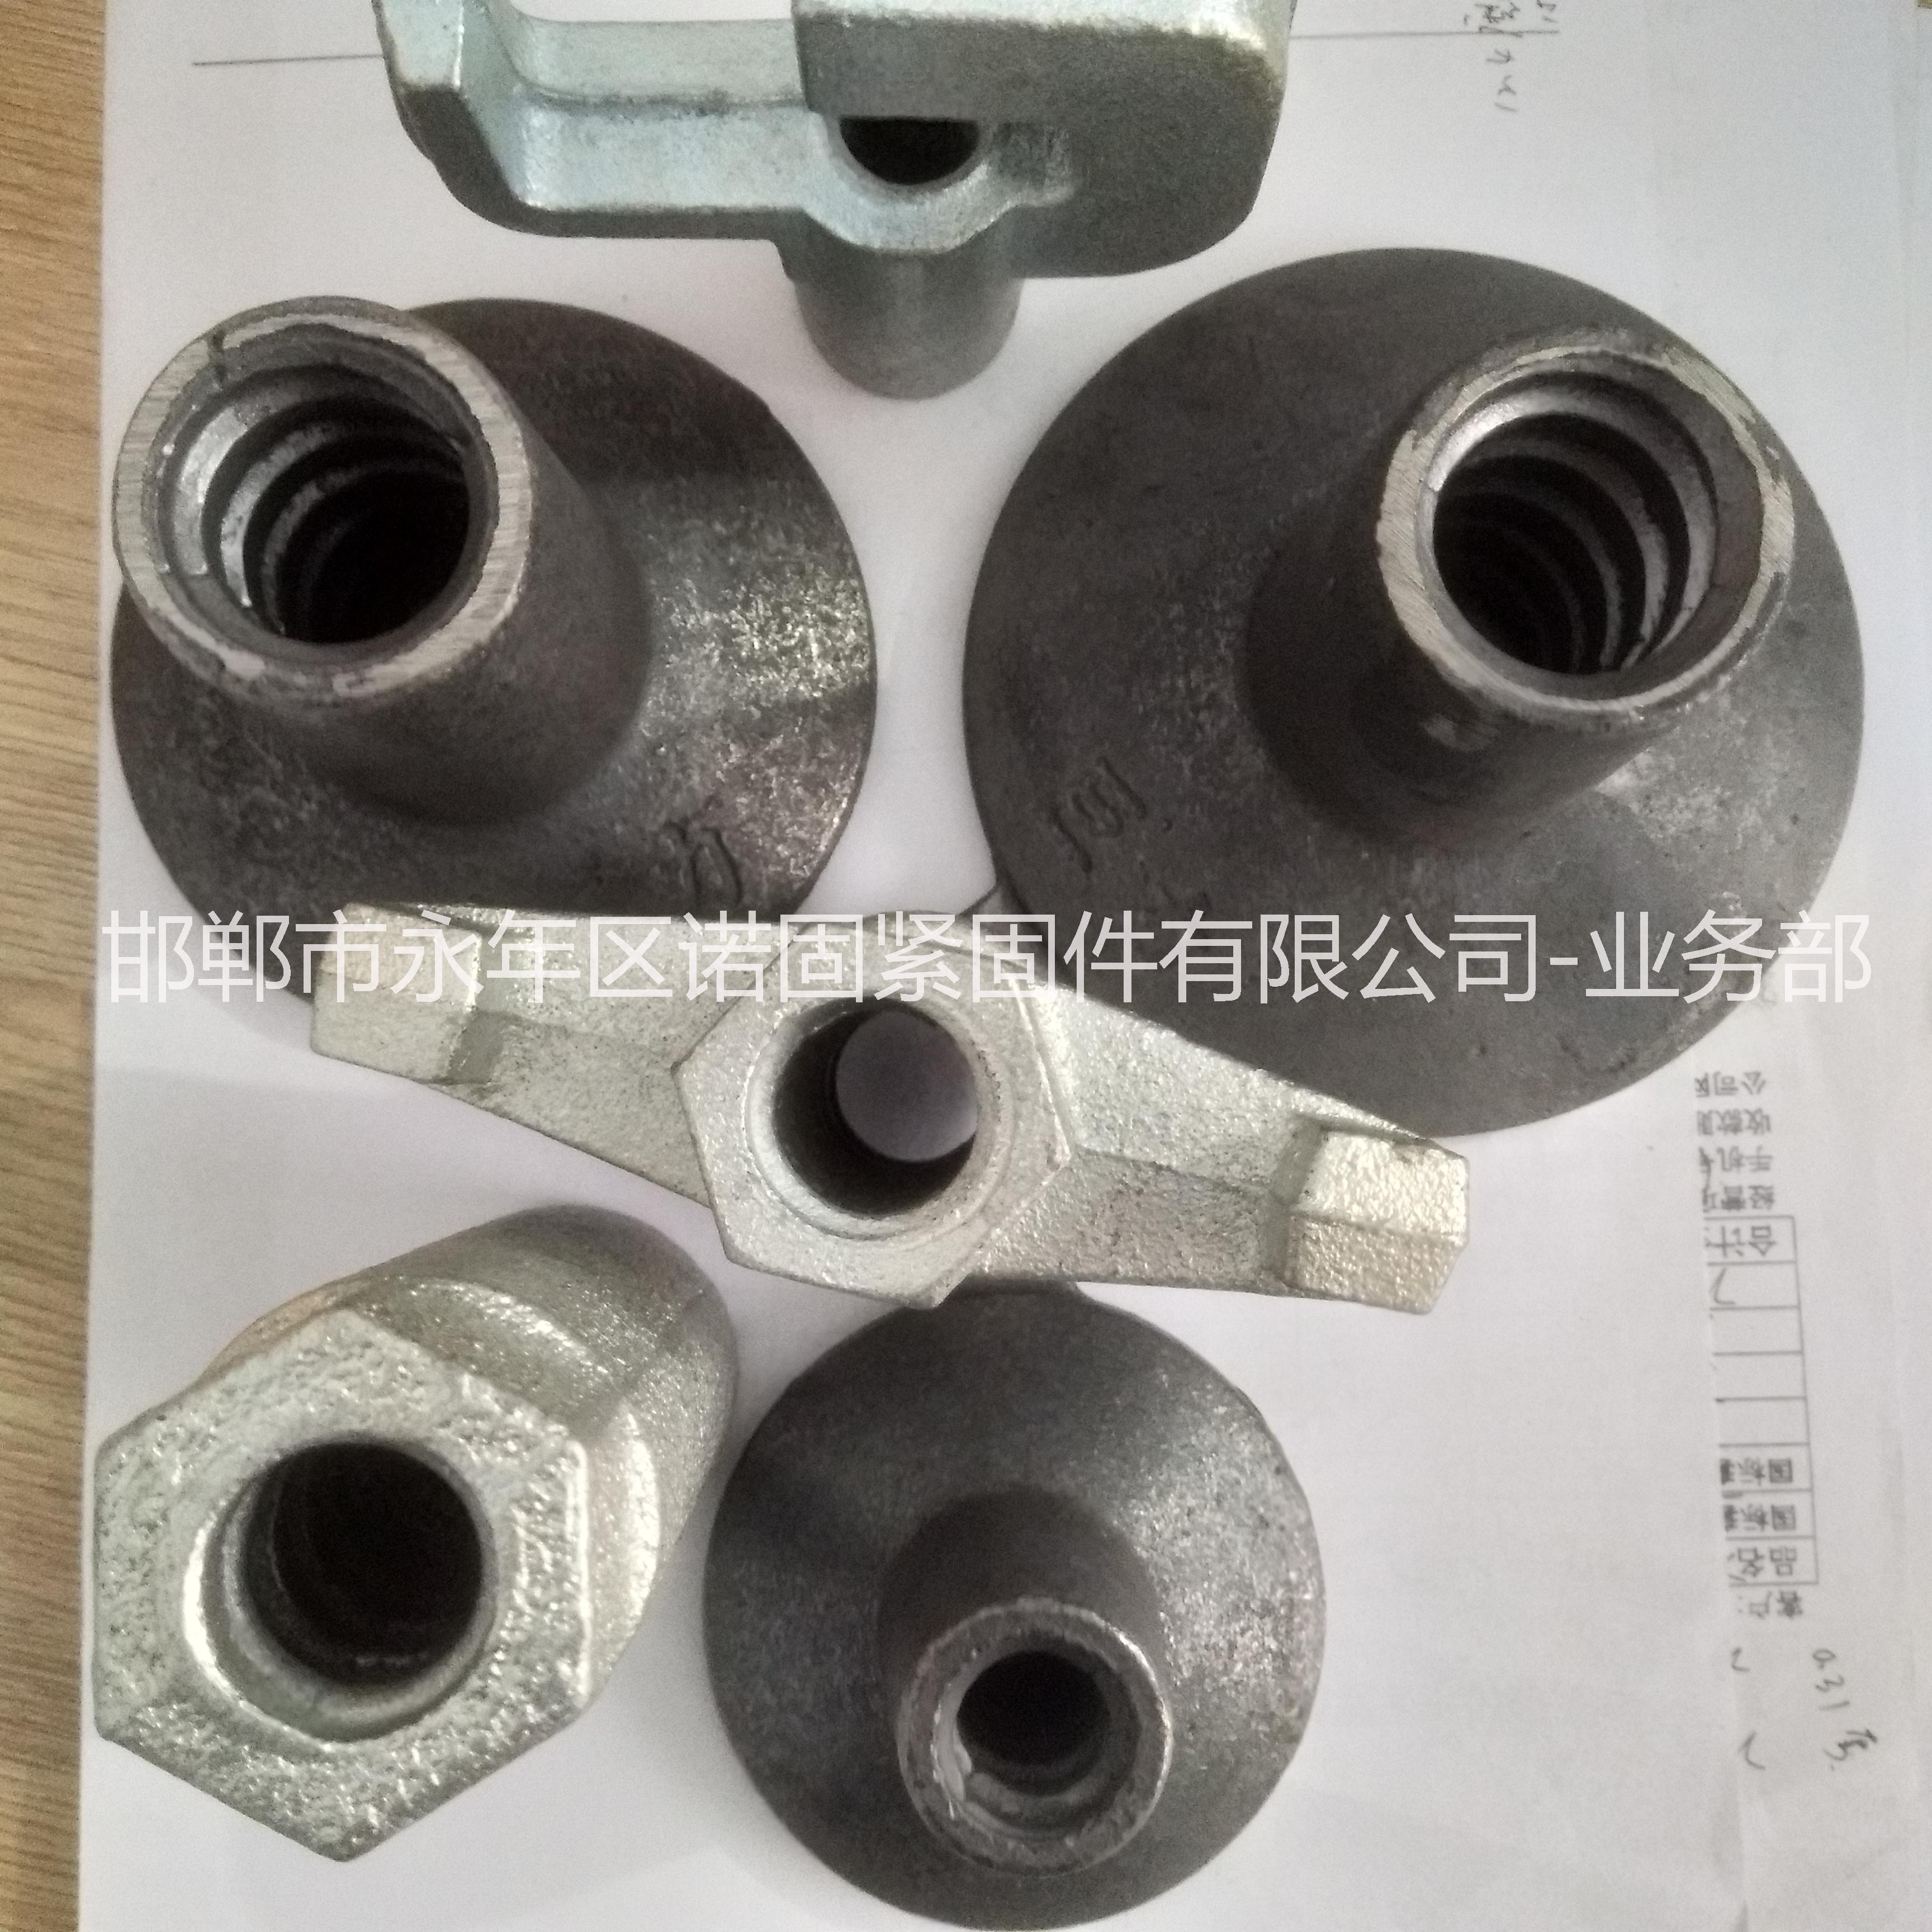 河北专业铸件厂家 山型卡 连接筒 铸件厂家 山型卡 连接筒 背楞卡头批发价格